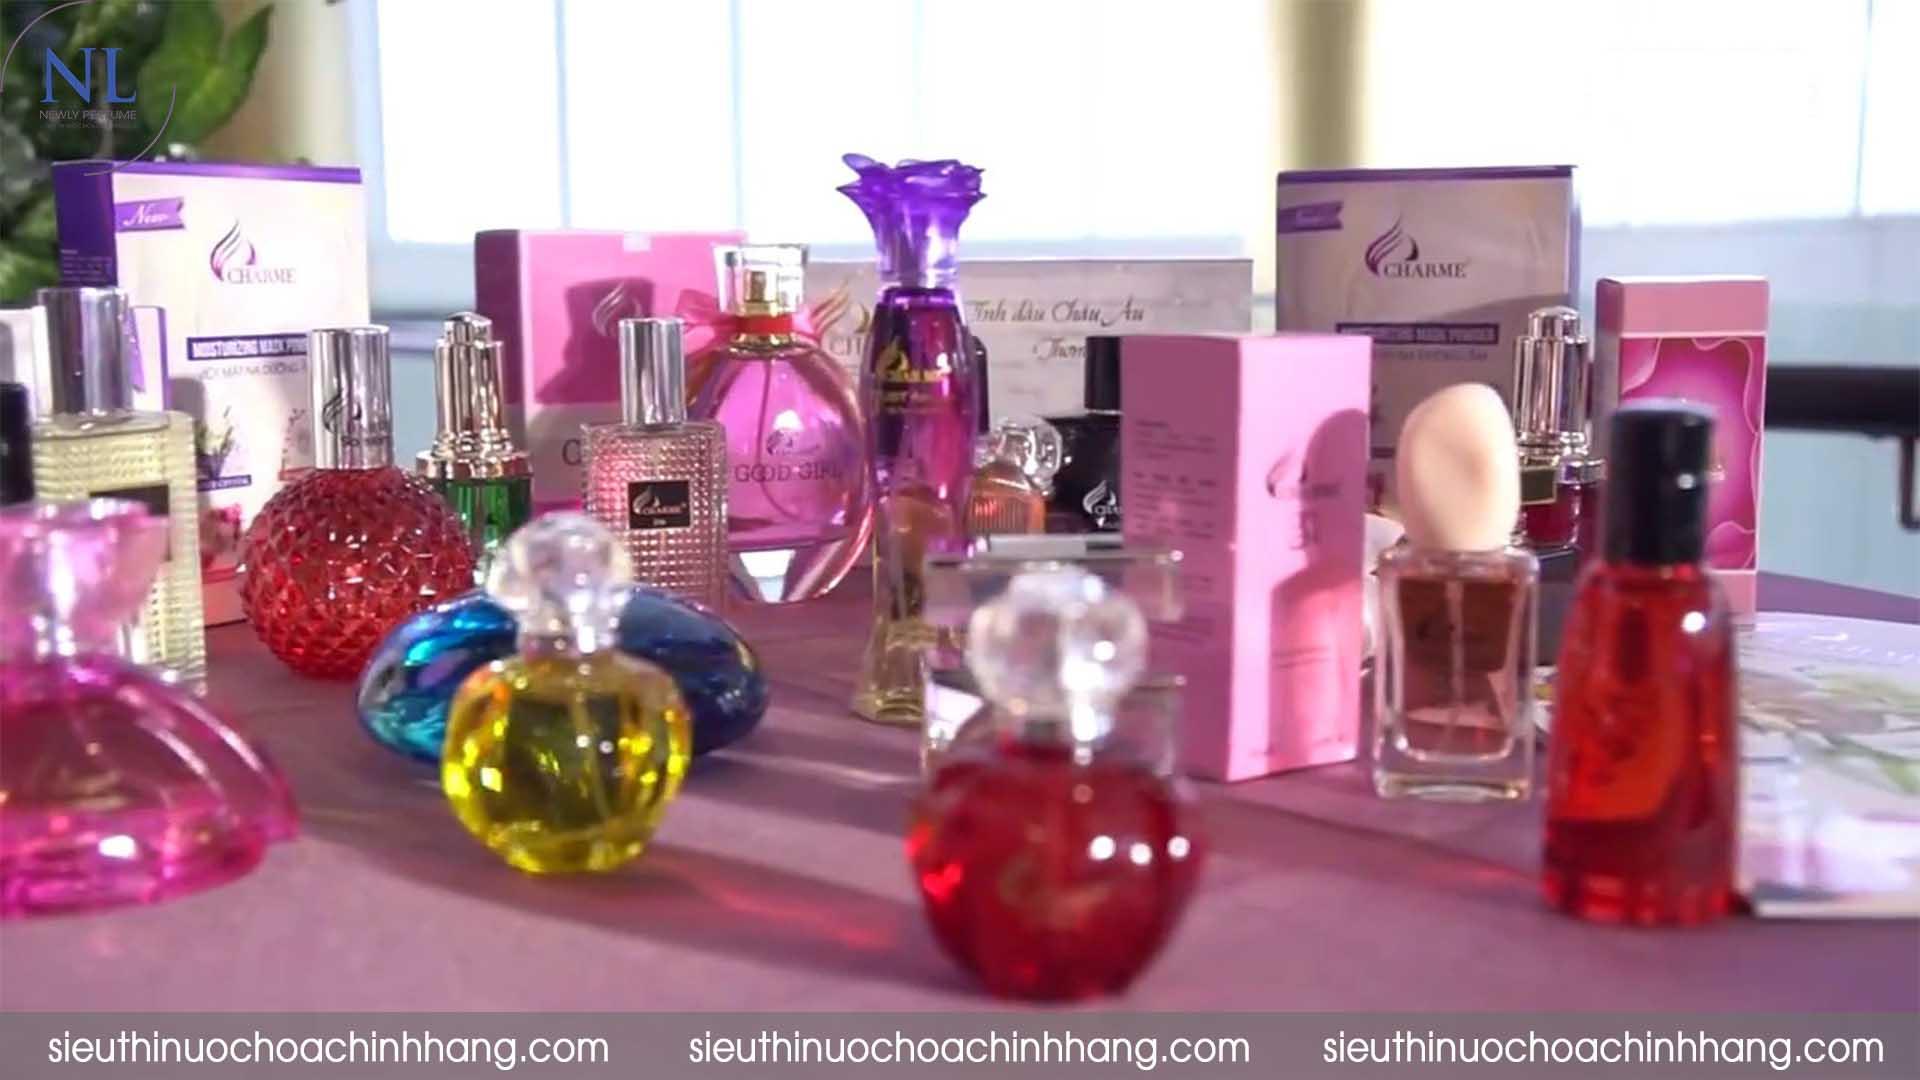 cách bán nước hoa charme online